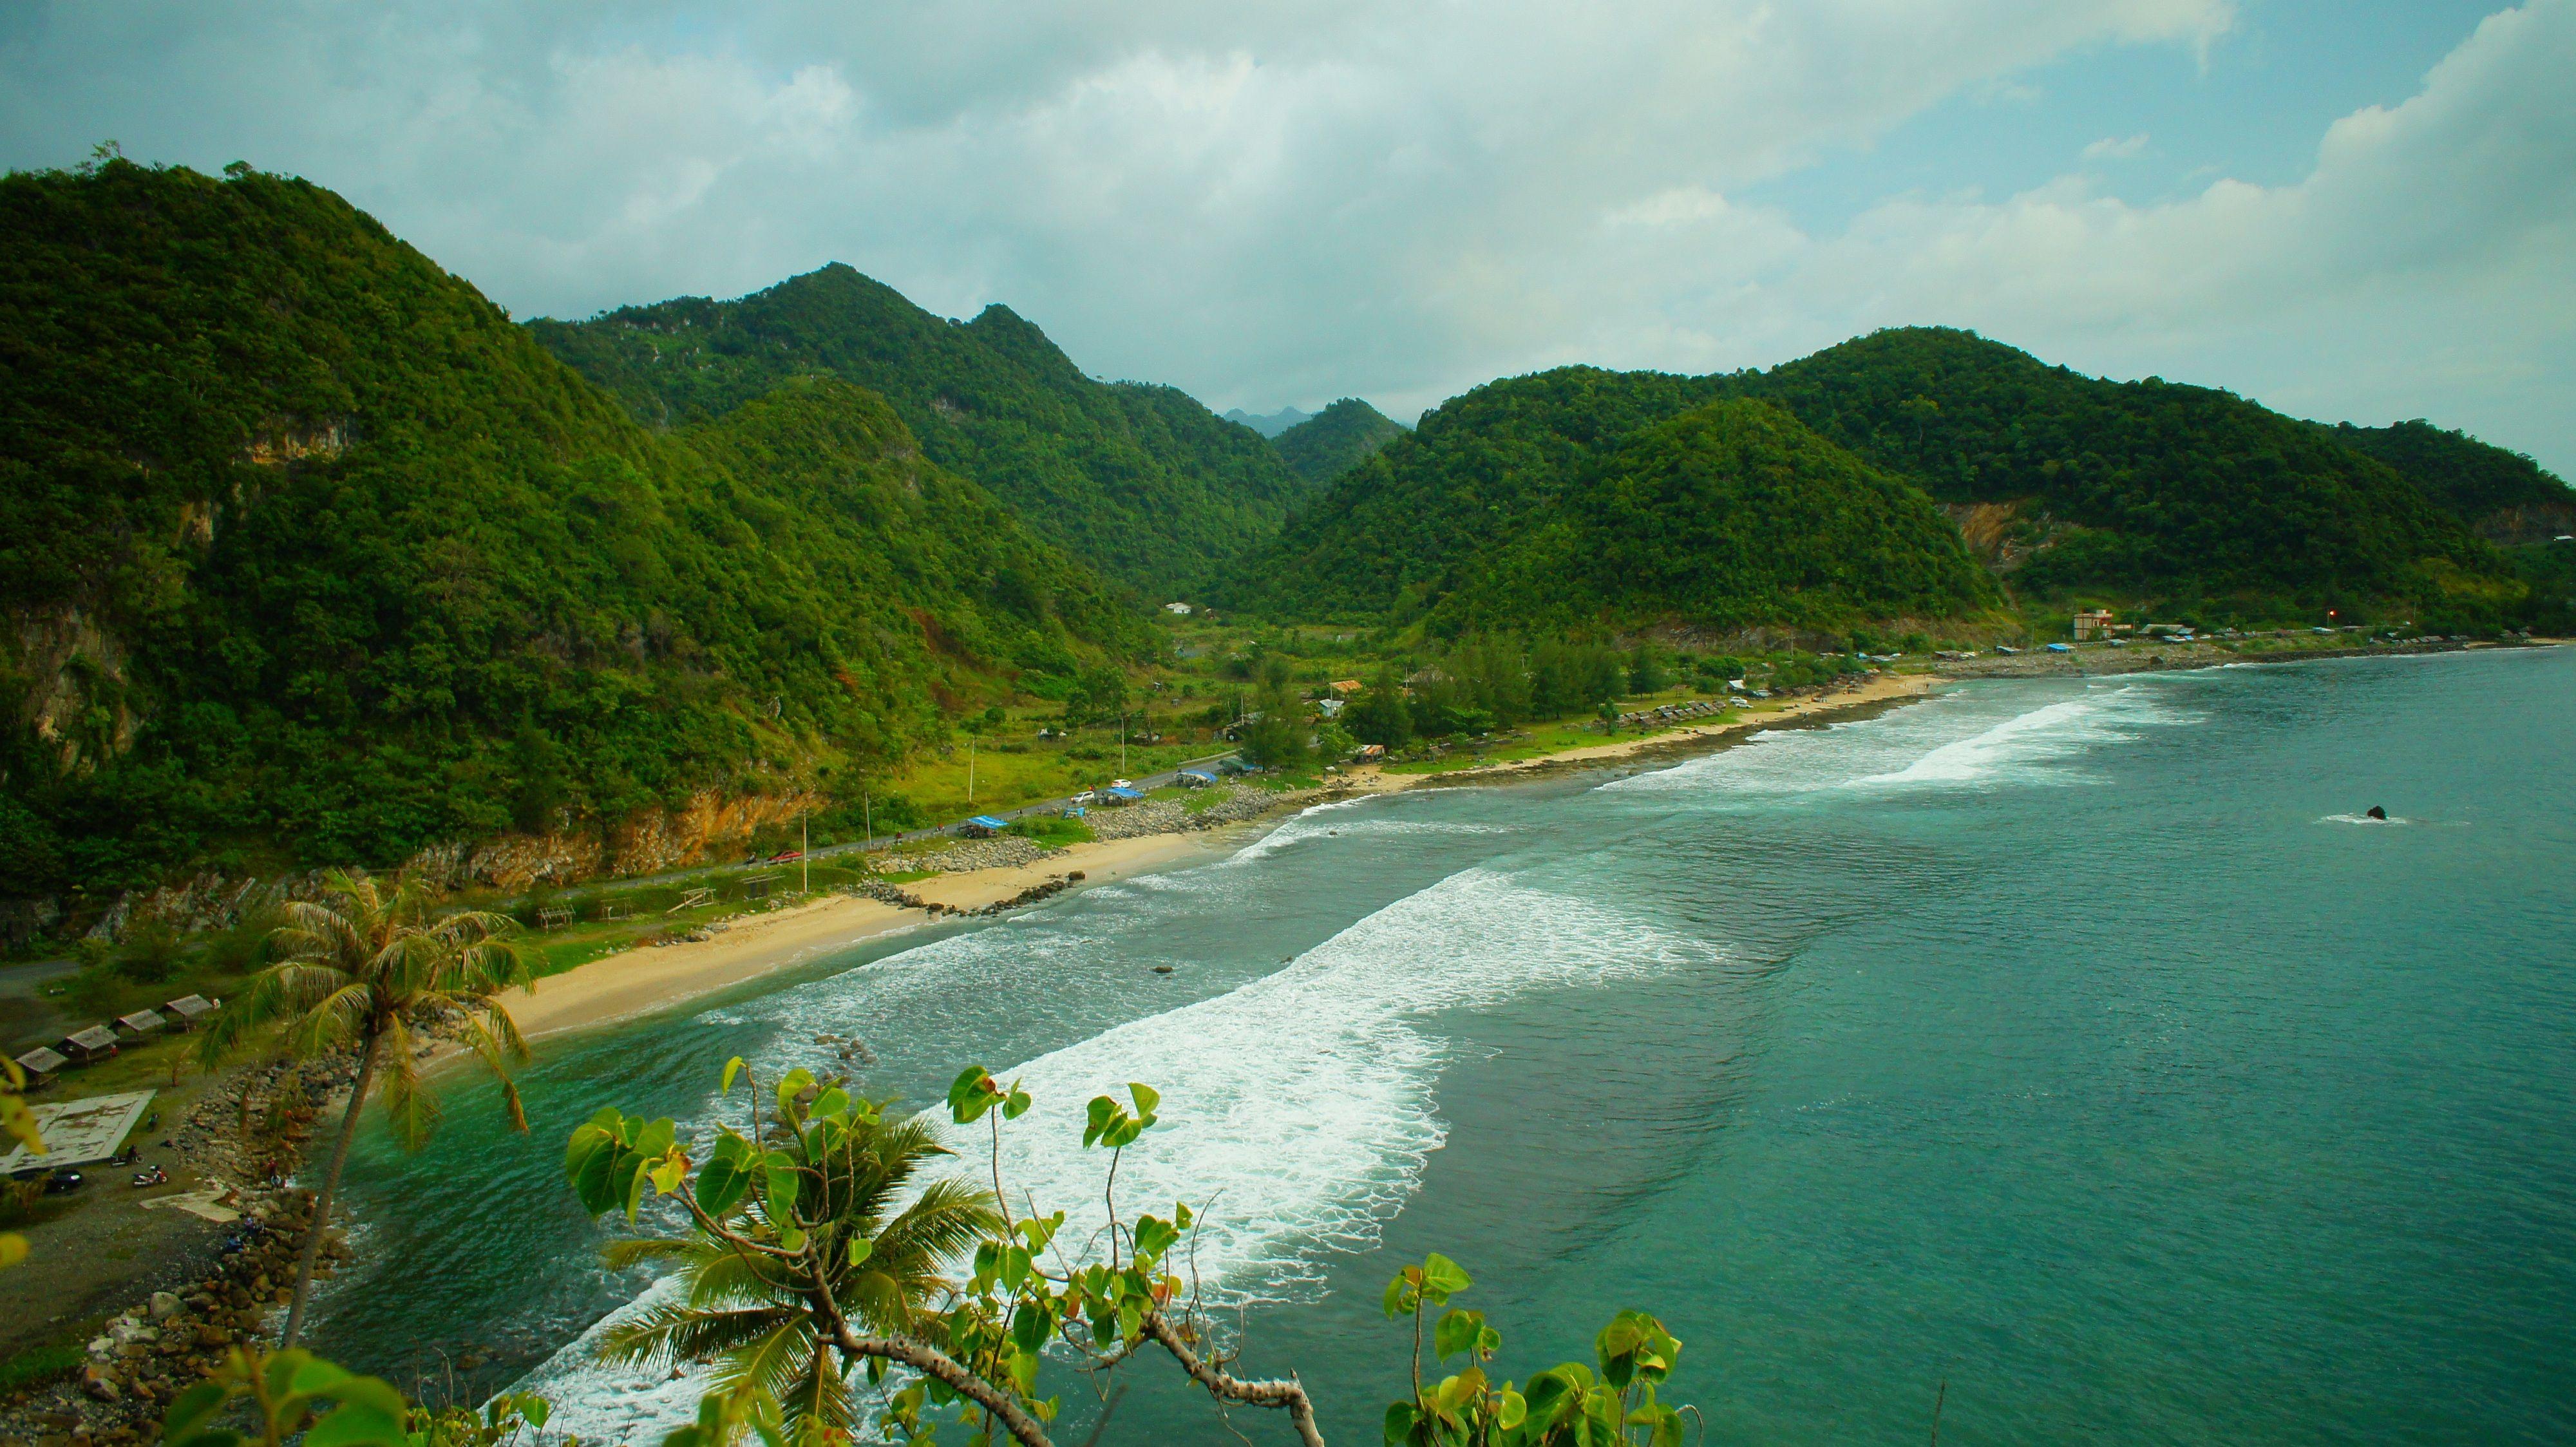 Pantai Lhoknga Pantai Terindah Di Sumatera (Dengan gambar ...